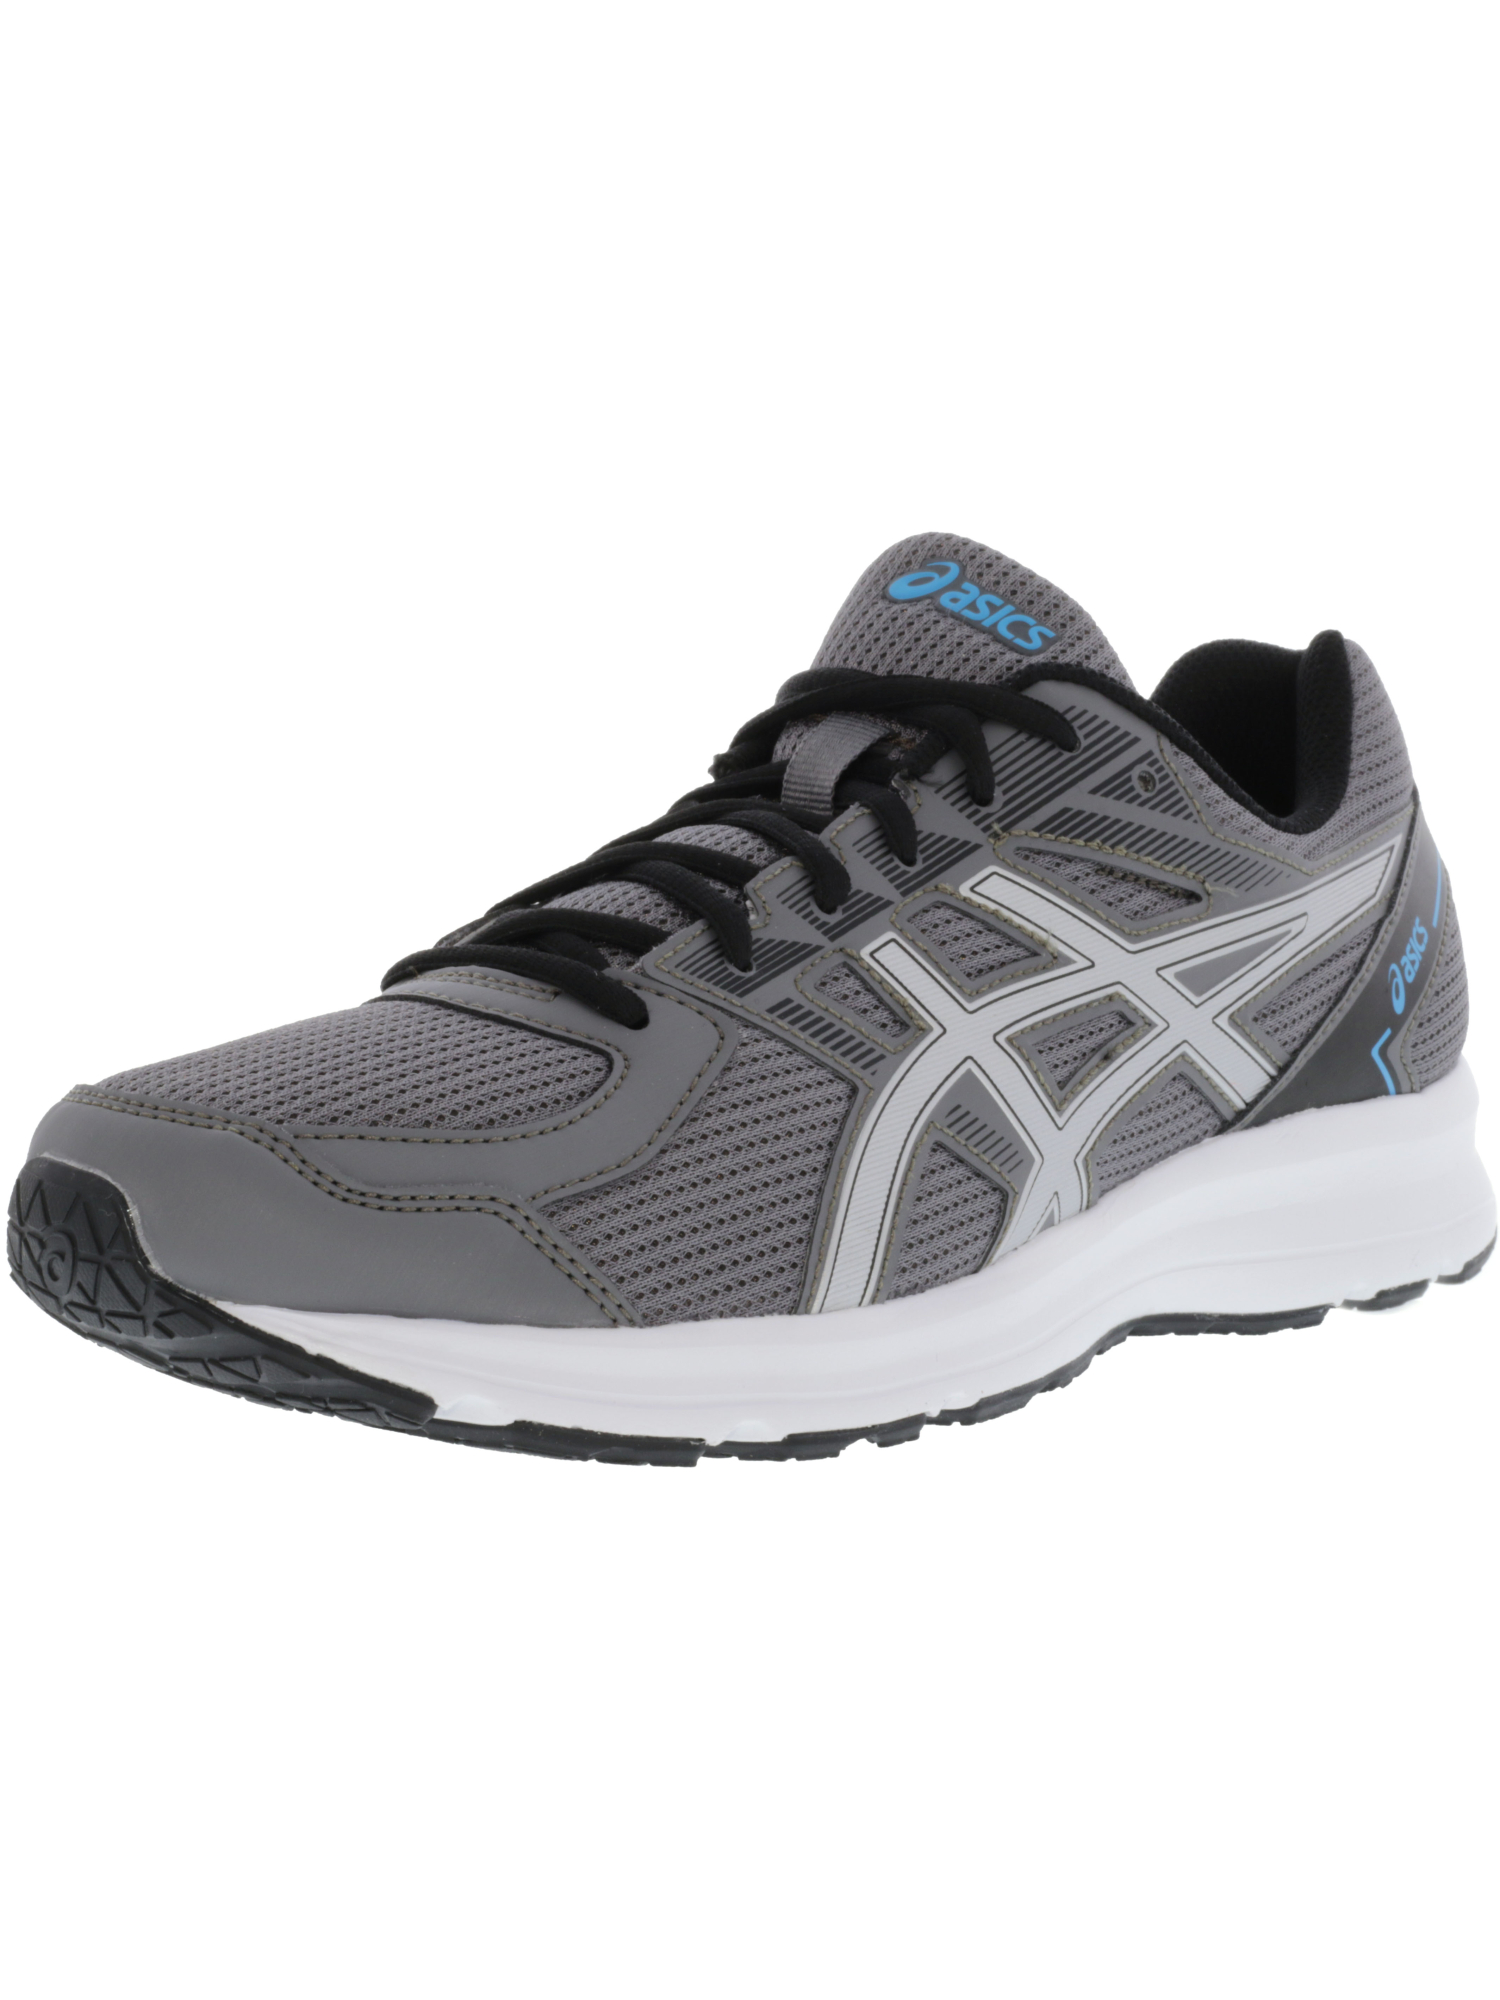 Asics-Men-039-s-Jolt-Ankle-High-Running-Shoe